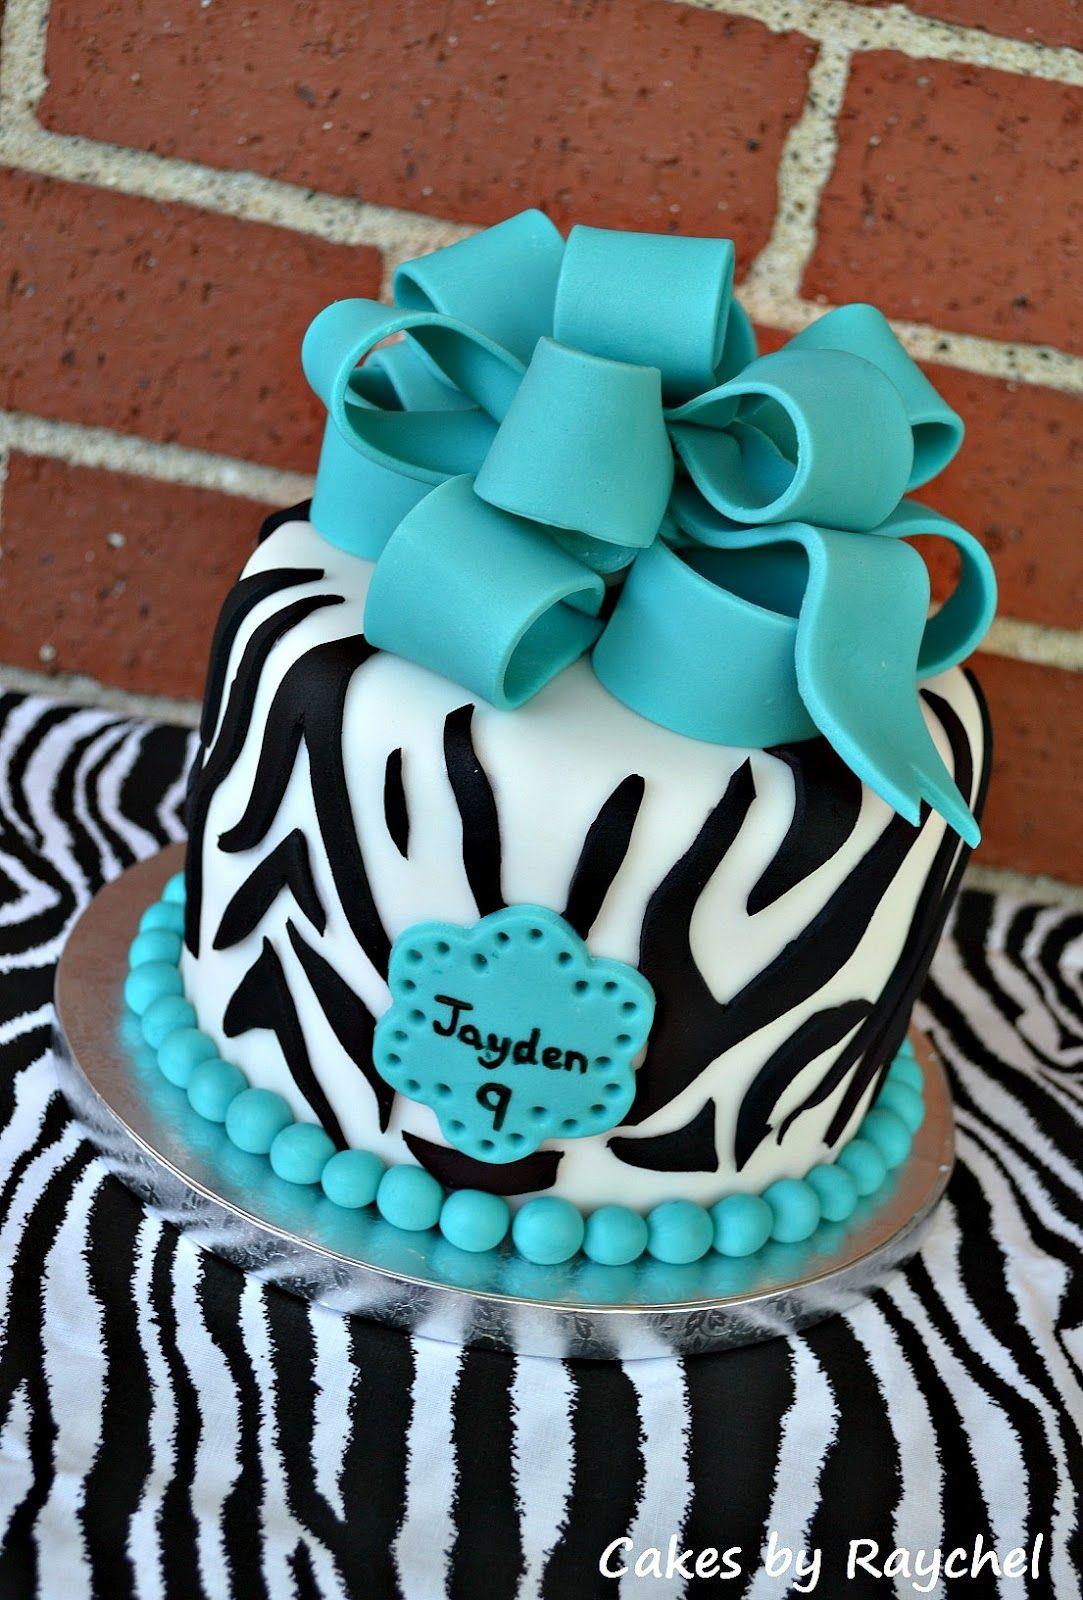 Stupendous Turquoise Zebra Cake With Images Zebra Cake Cake Zebra Funny Birthday Cards Online Fluifree Goldxyz